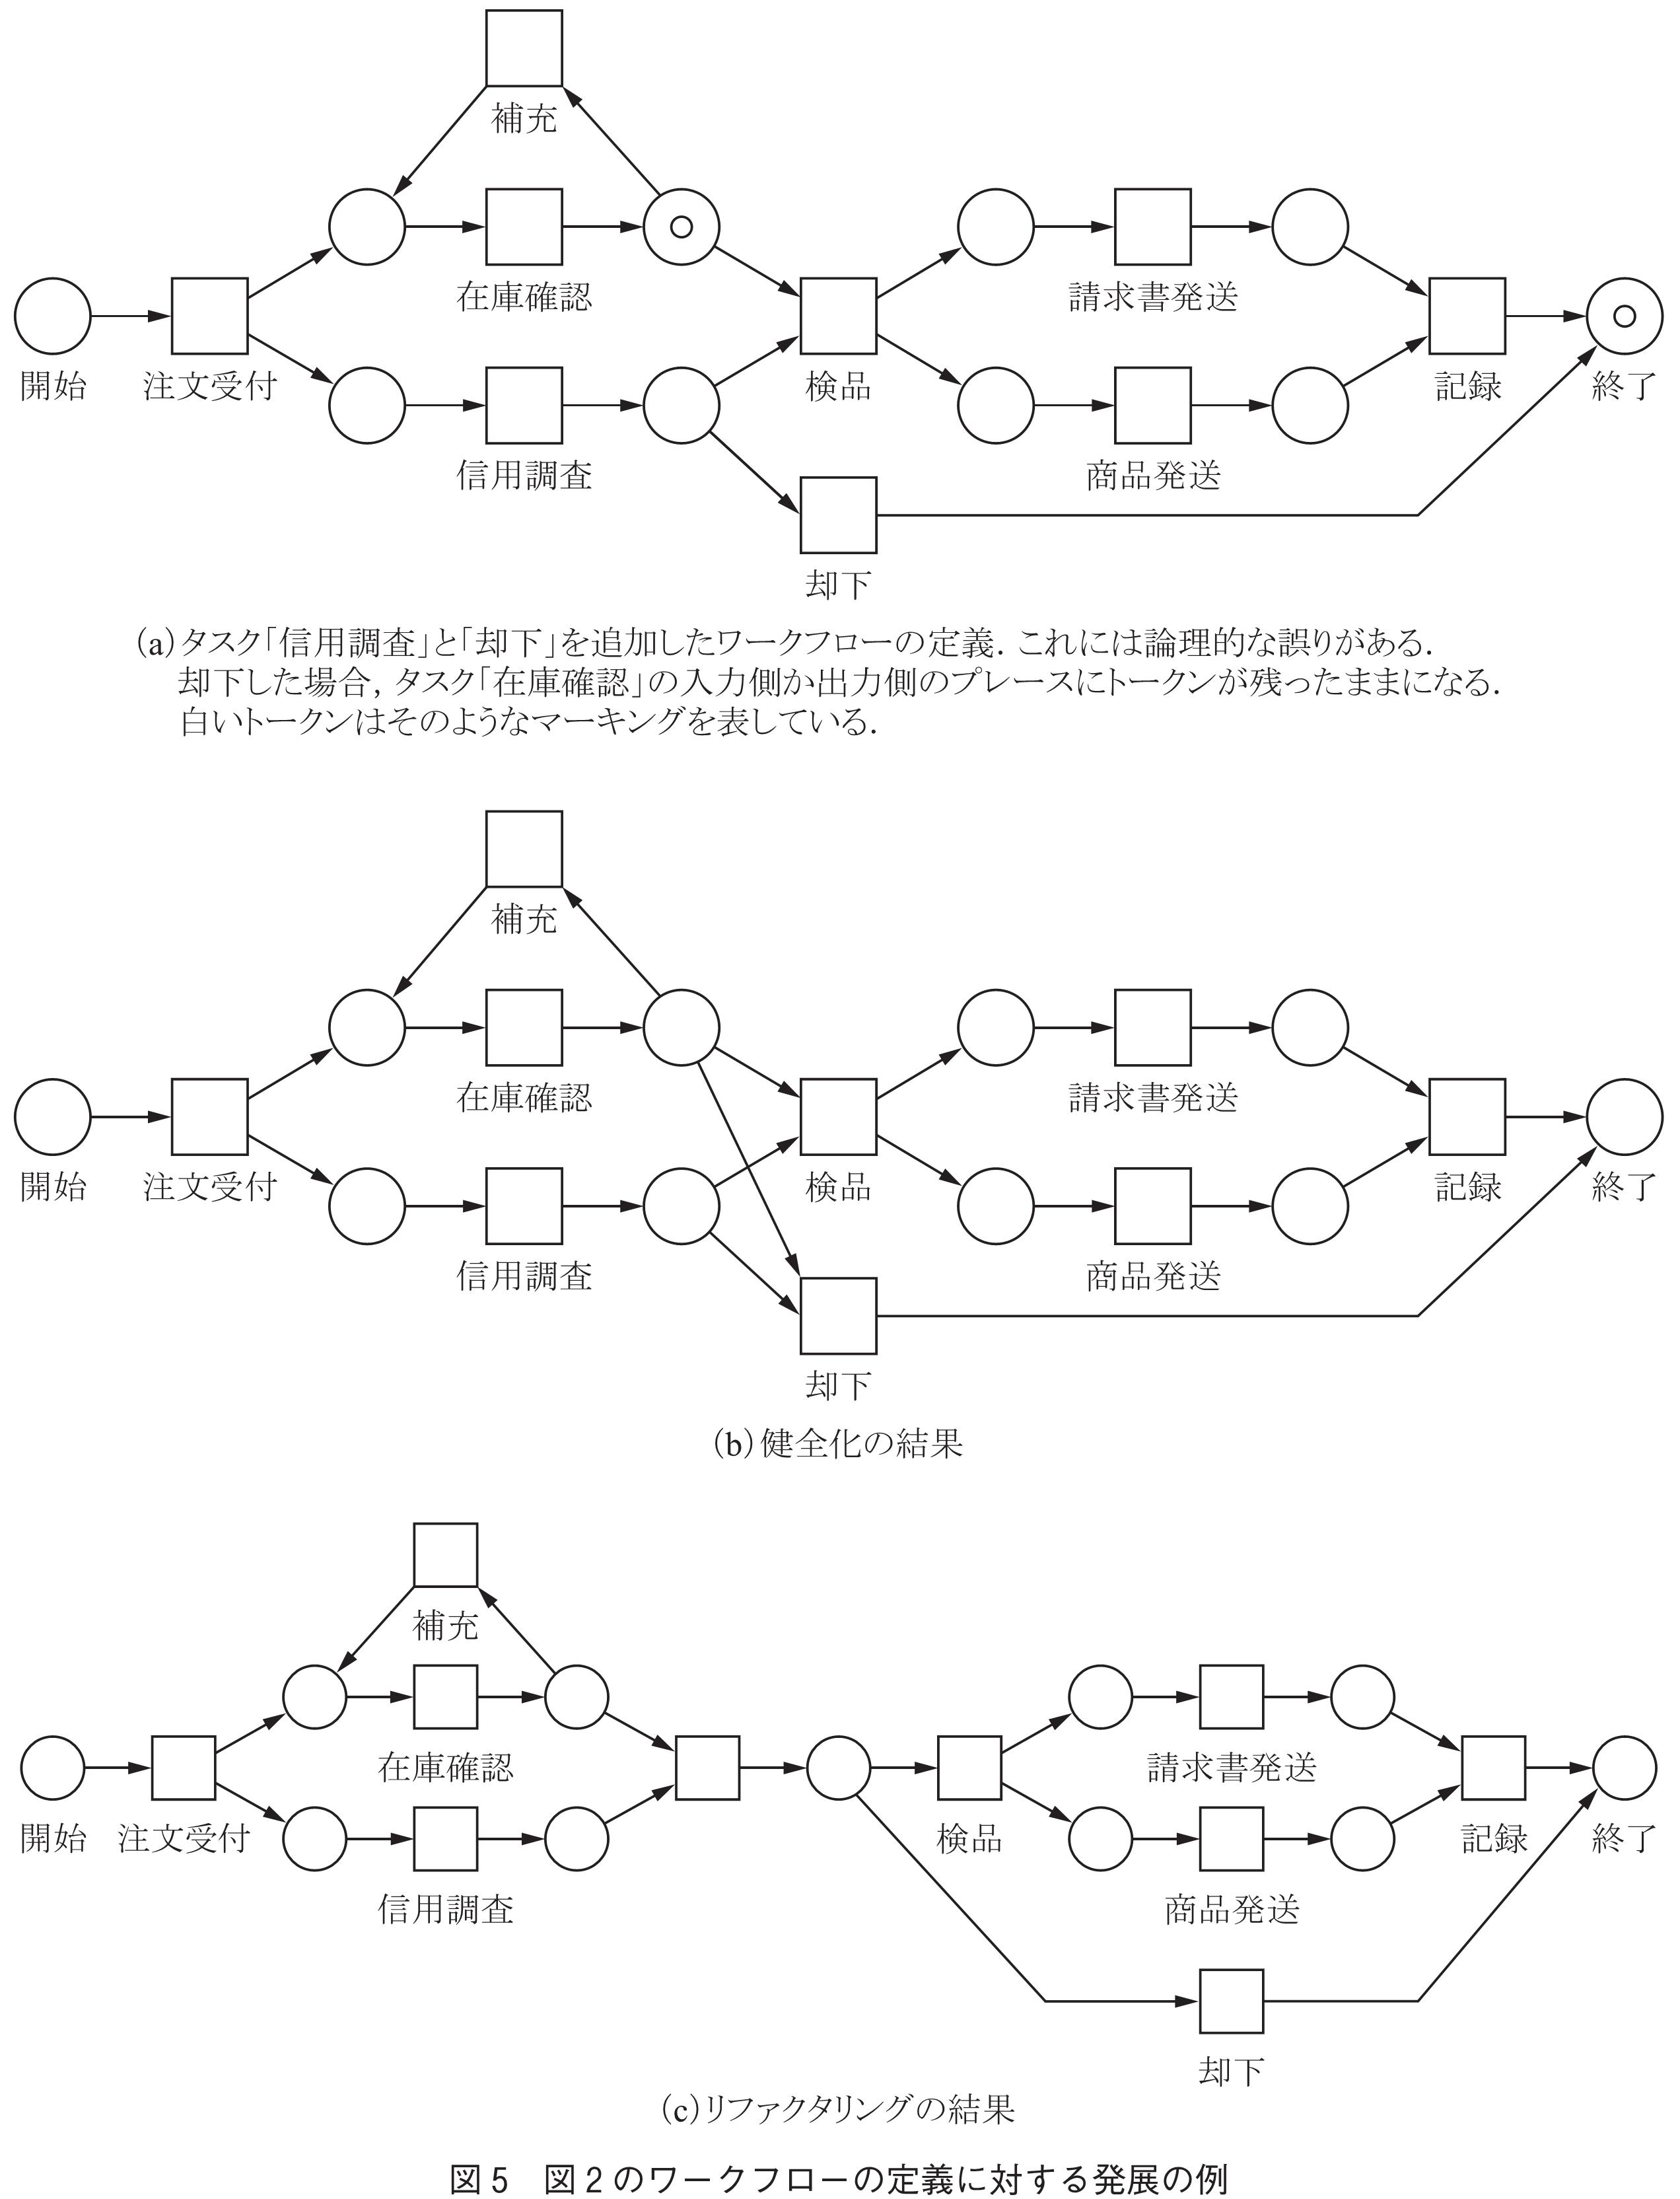 ネット モデル ペトリ